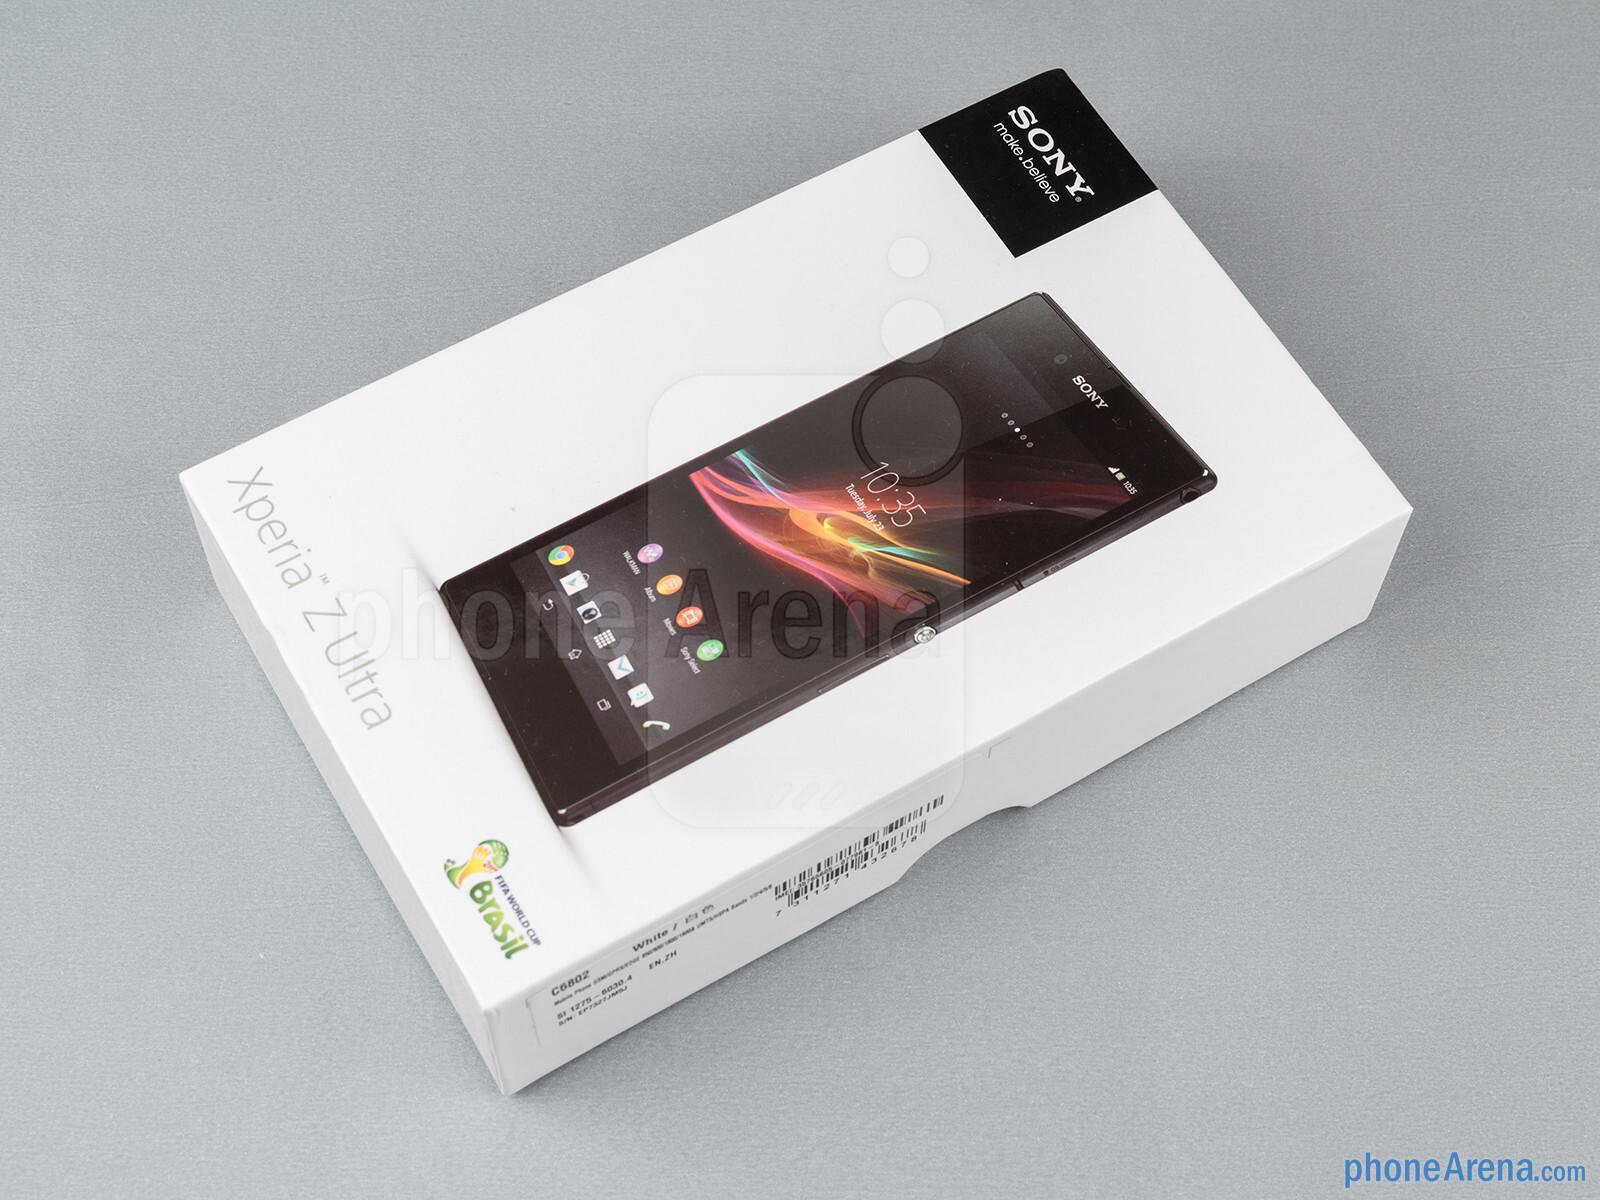 Xperia Z Ultra | Смартфон - Sony Xperia (Россия)